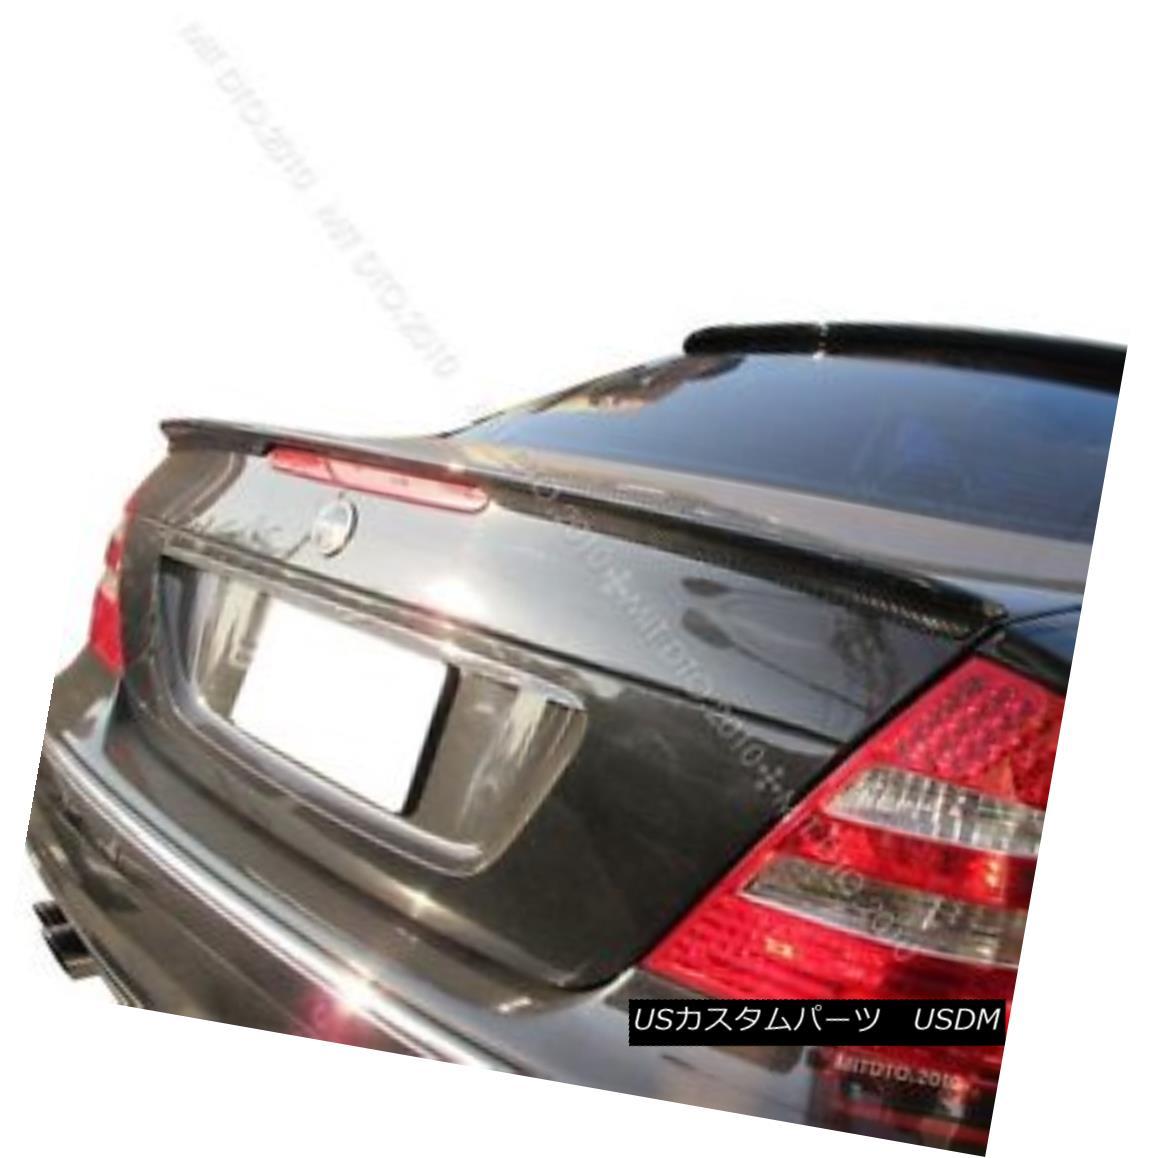 エアロパーツ Carbon Fiber Mercedes Benz W211 E A TYPE Trunk Spoiler Rear Wing 03 07 08 § カーボンファイバーメルセデスベンツW211 E Aタイプトランクスポイラーリアウイング03 07 08